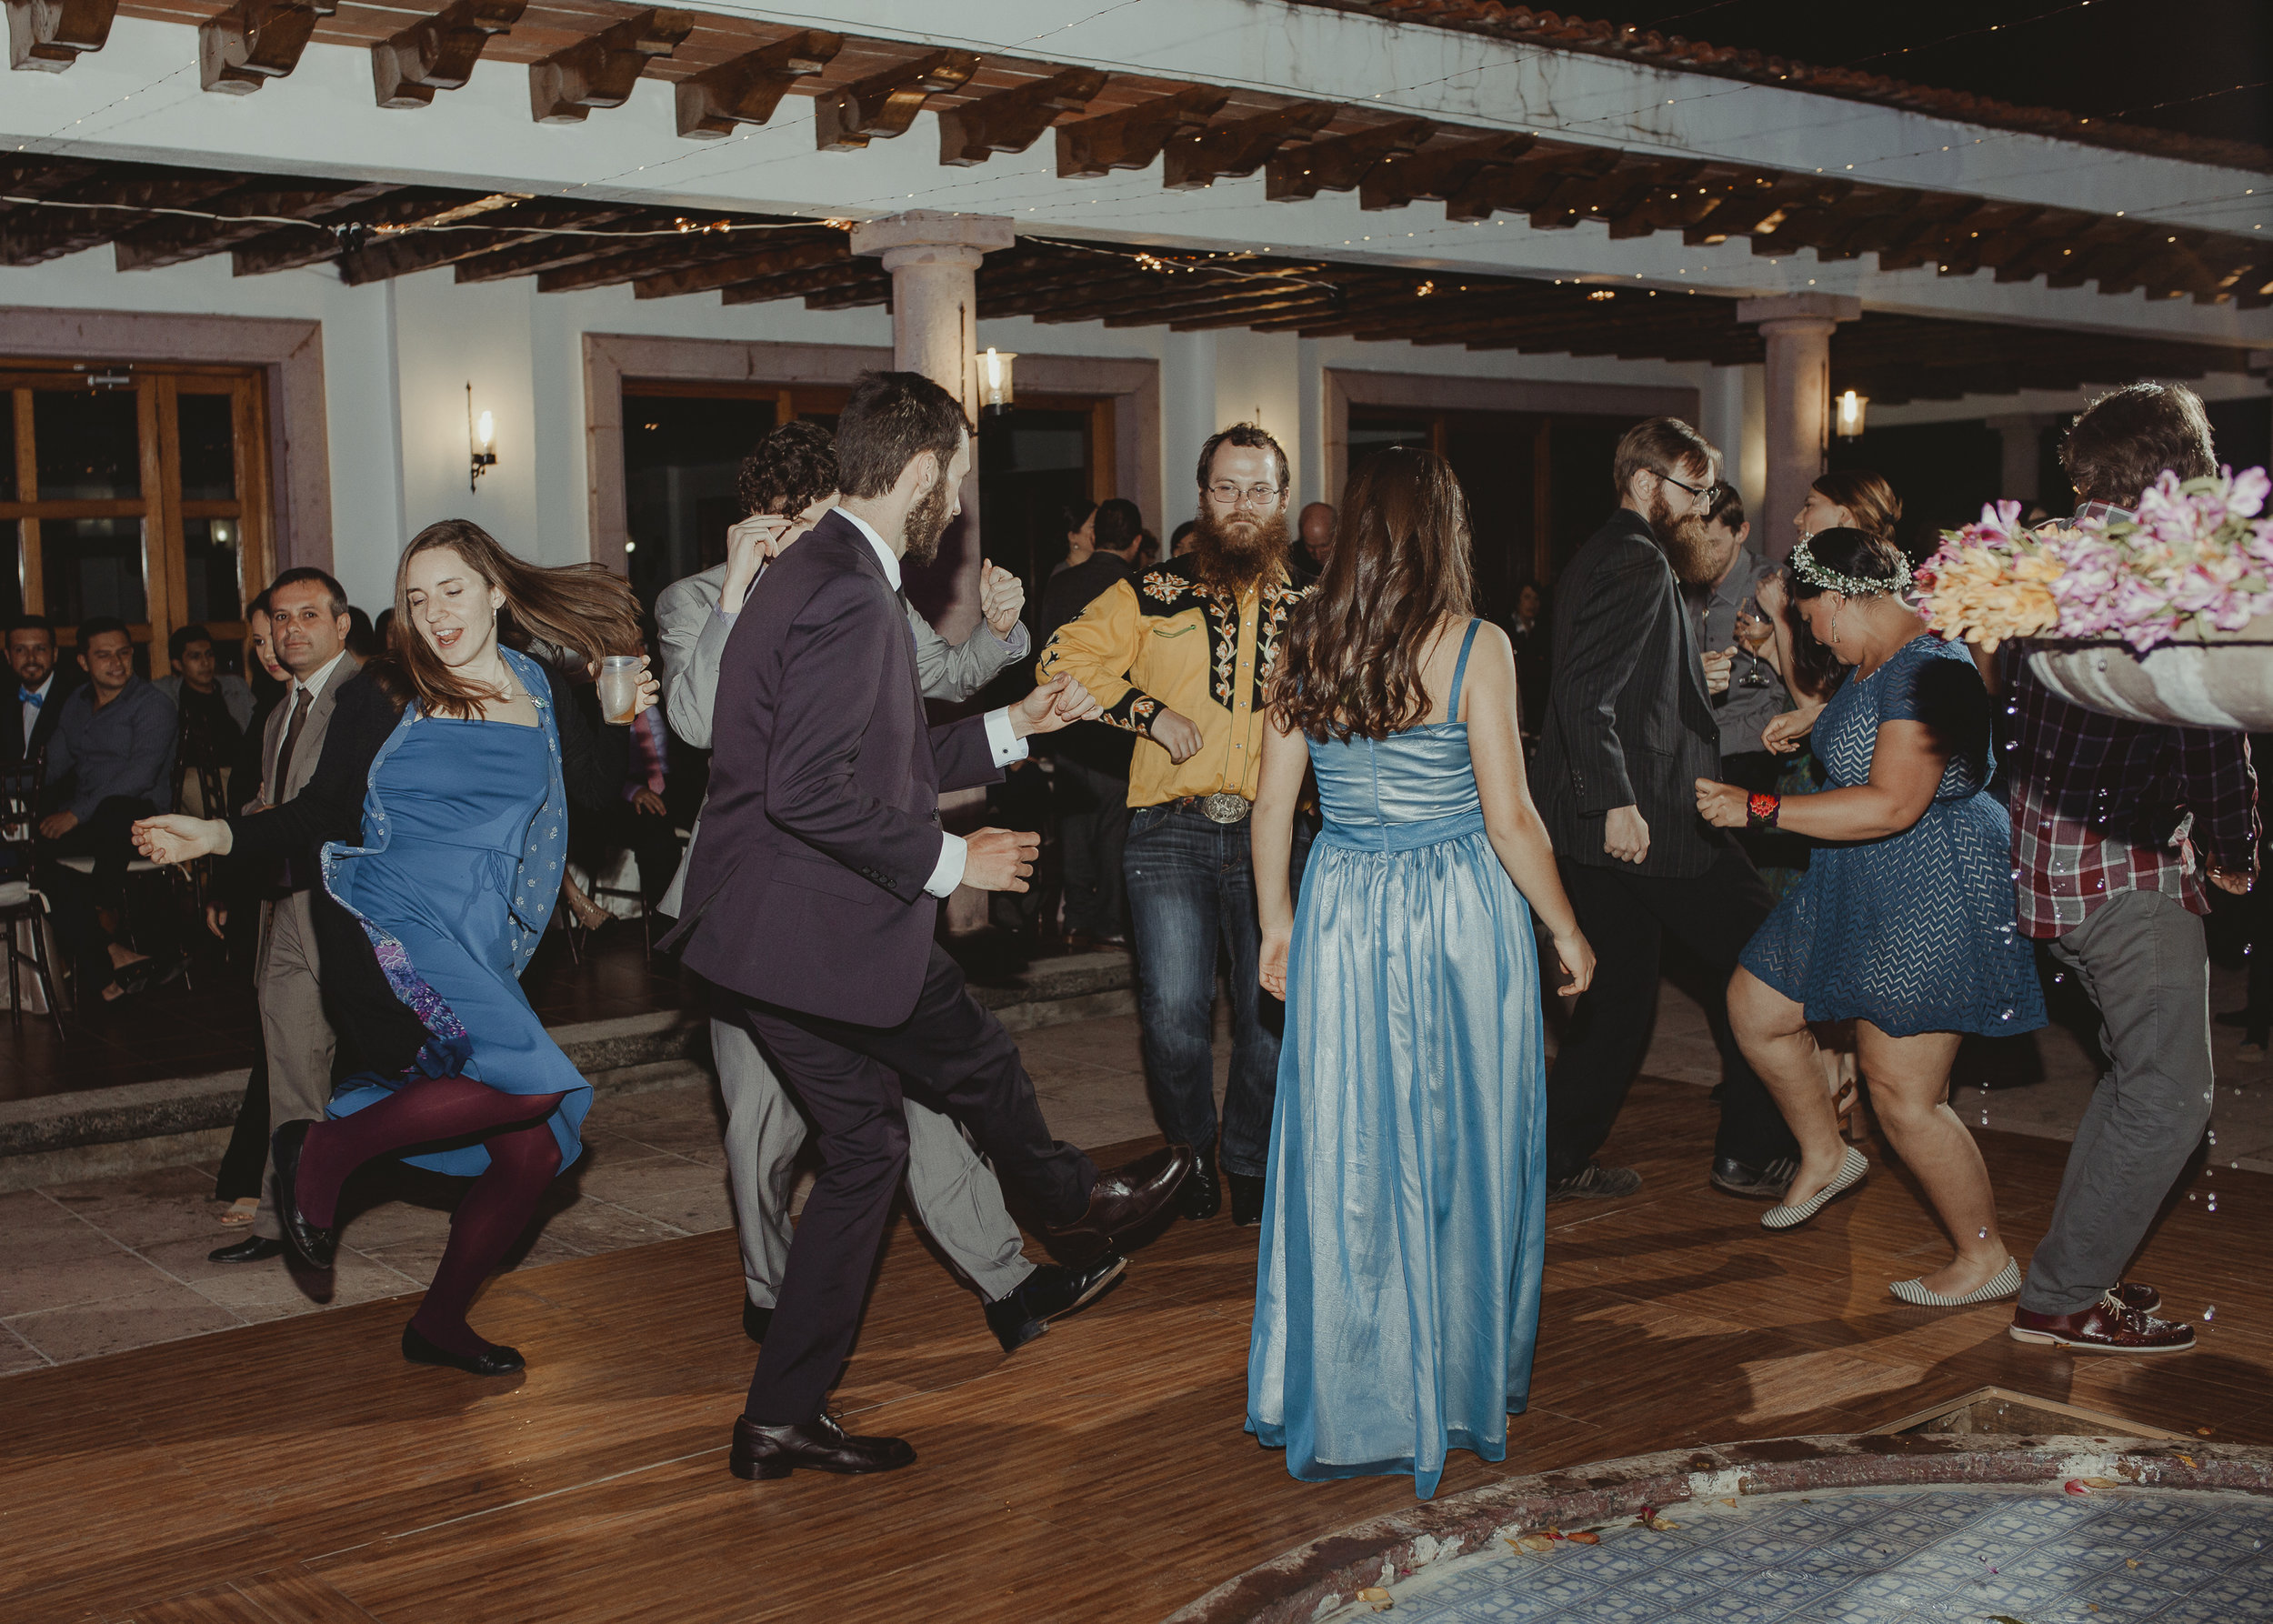 Fotografo-de-bodas-destino-Mexico-wedding-destination-photographer-san-miguel-de-allende-guanajuato-queretaro-boho-bohemian-bohemio-chic-editorial-carotida-photographer-sayulita-los-cabos